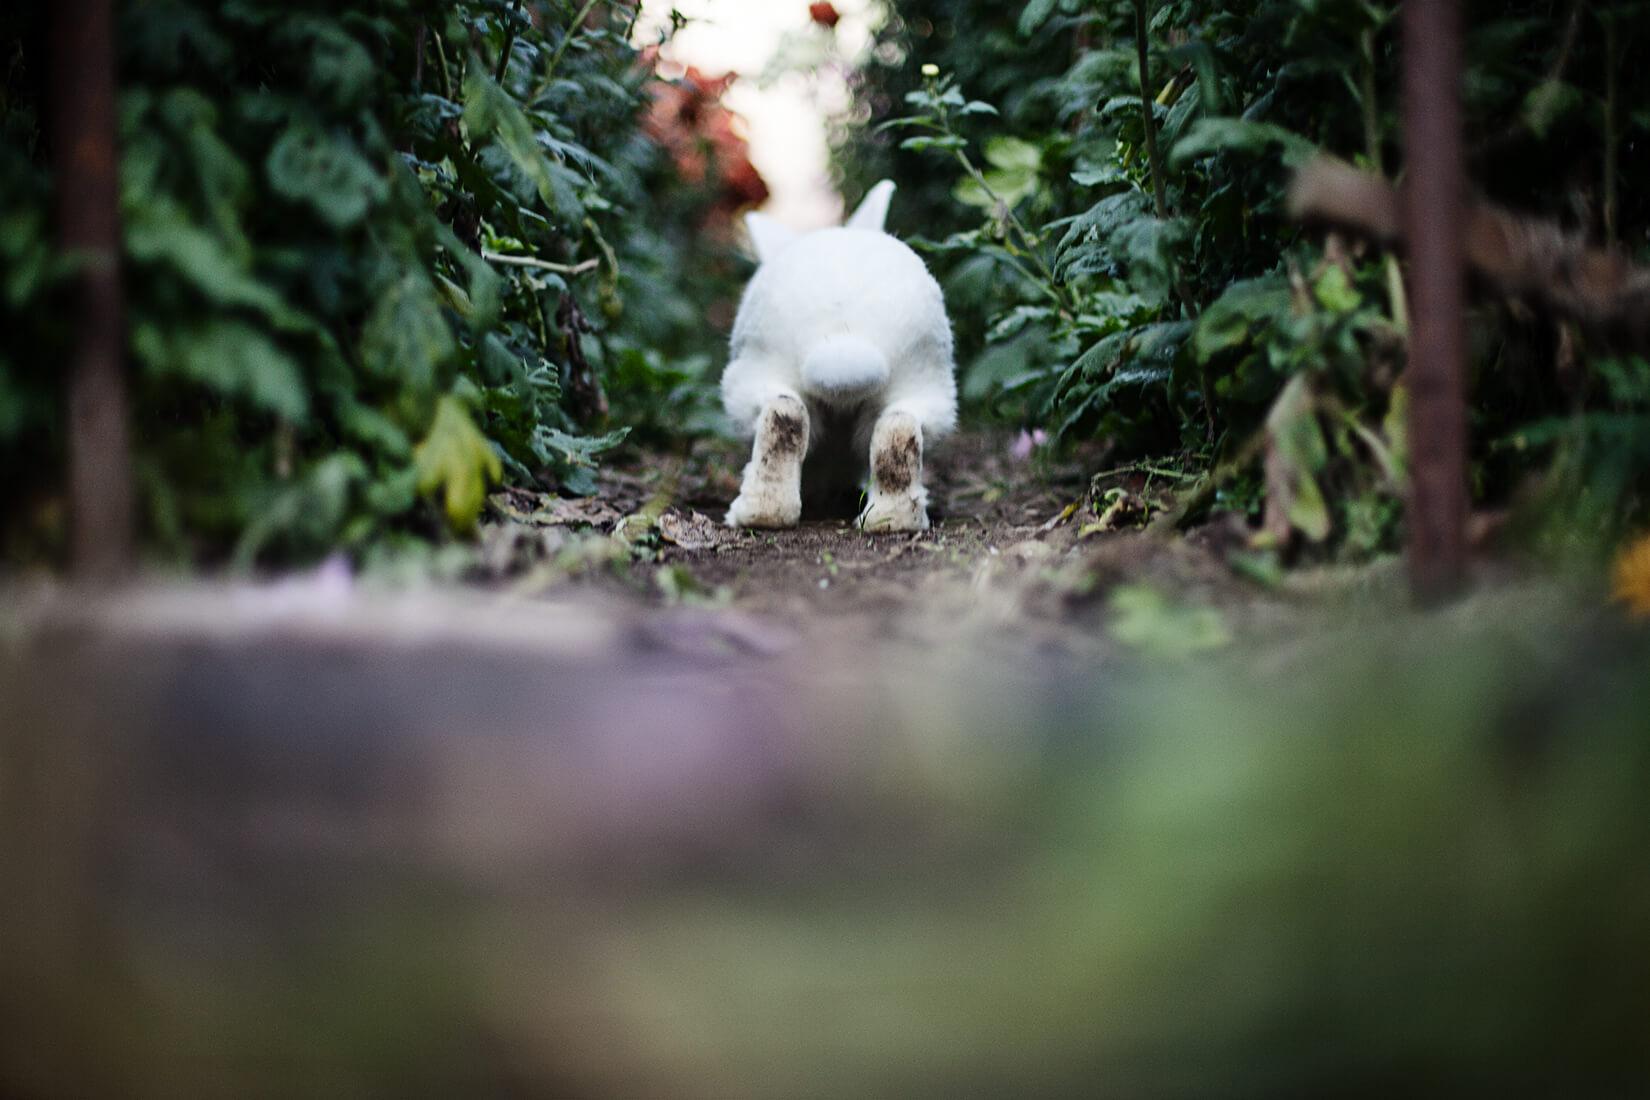 Freies Fotoprojekt Tierfotografie mit Albino Hase aufgenommen von der Berliner Fotografin Caroline Wimmer